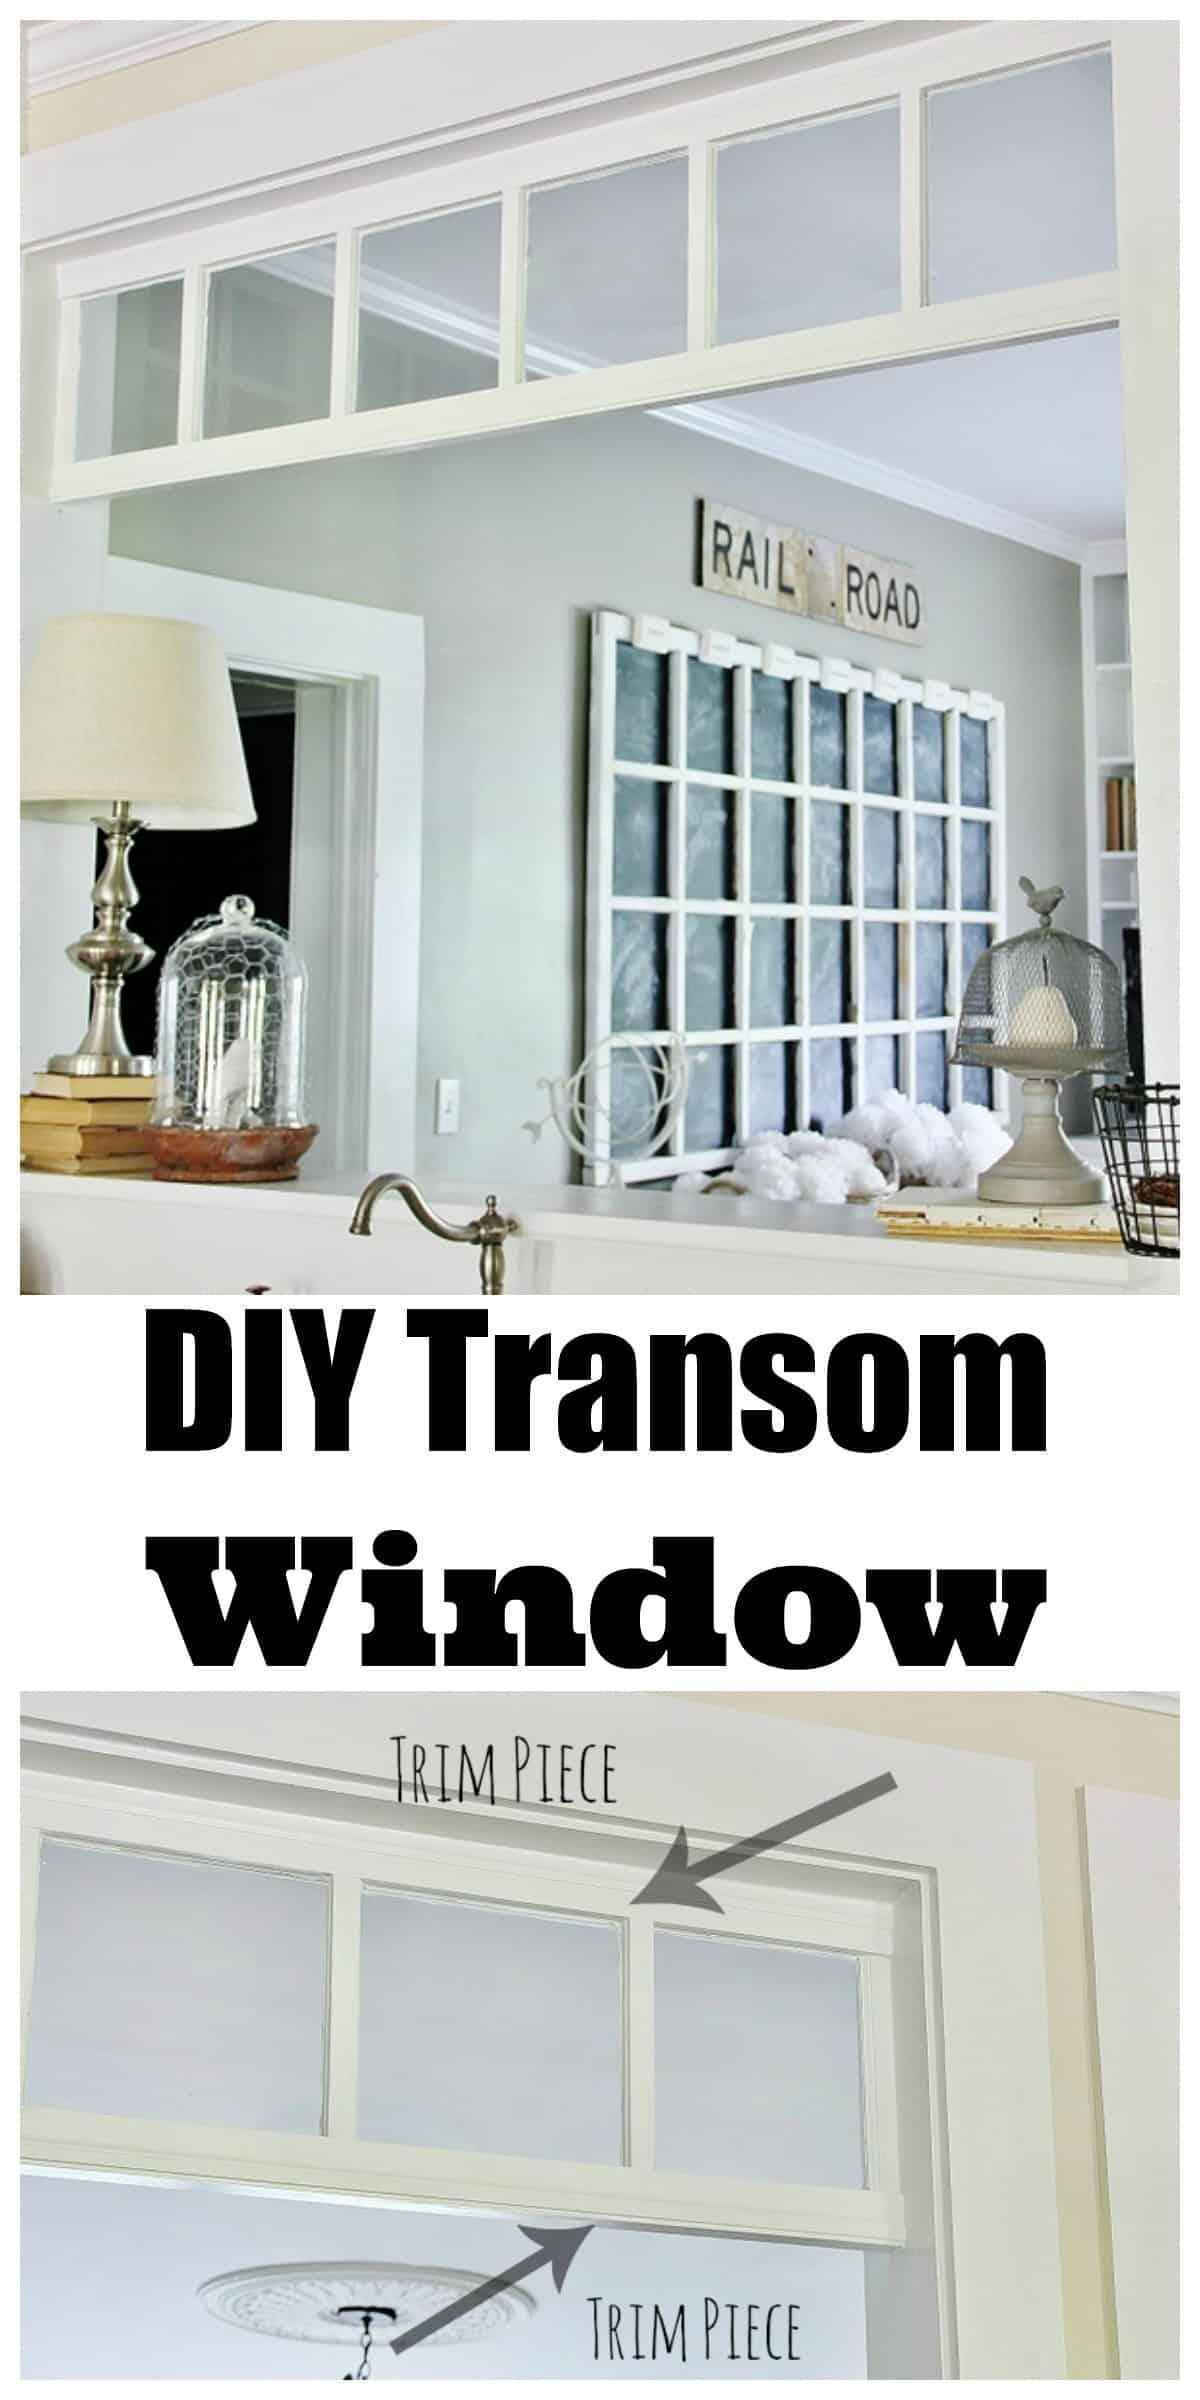 DIY Transom Window - Thistlewood Farm